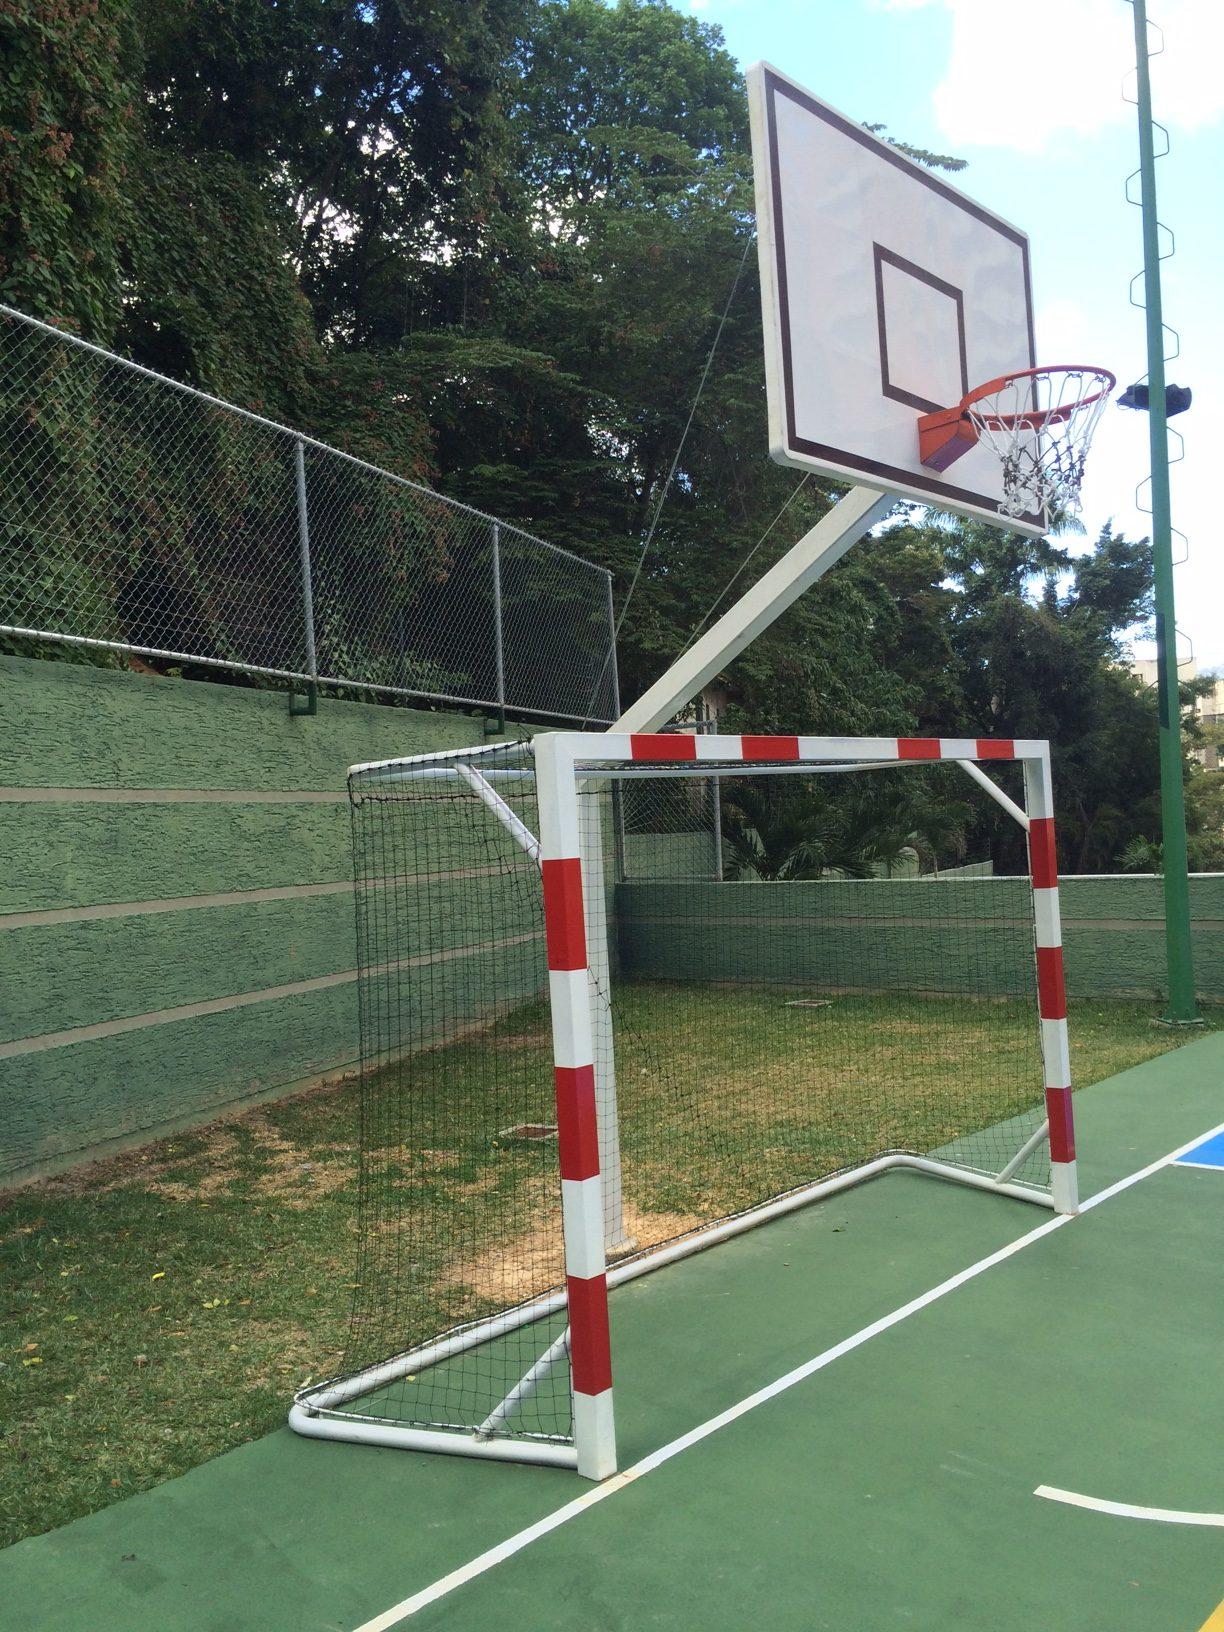 TECNOSPORTS construye canchas polideportivas de calidad profesional. Conjunto de Tablero y Aro de Baloncesto con Portería Fútsal